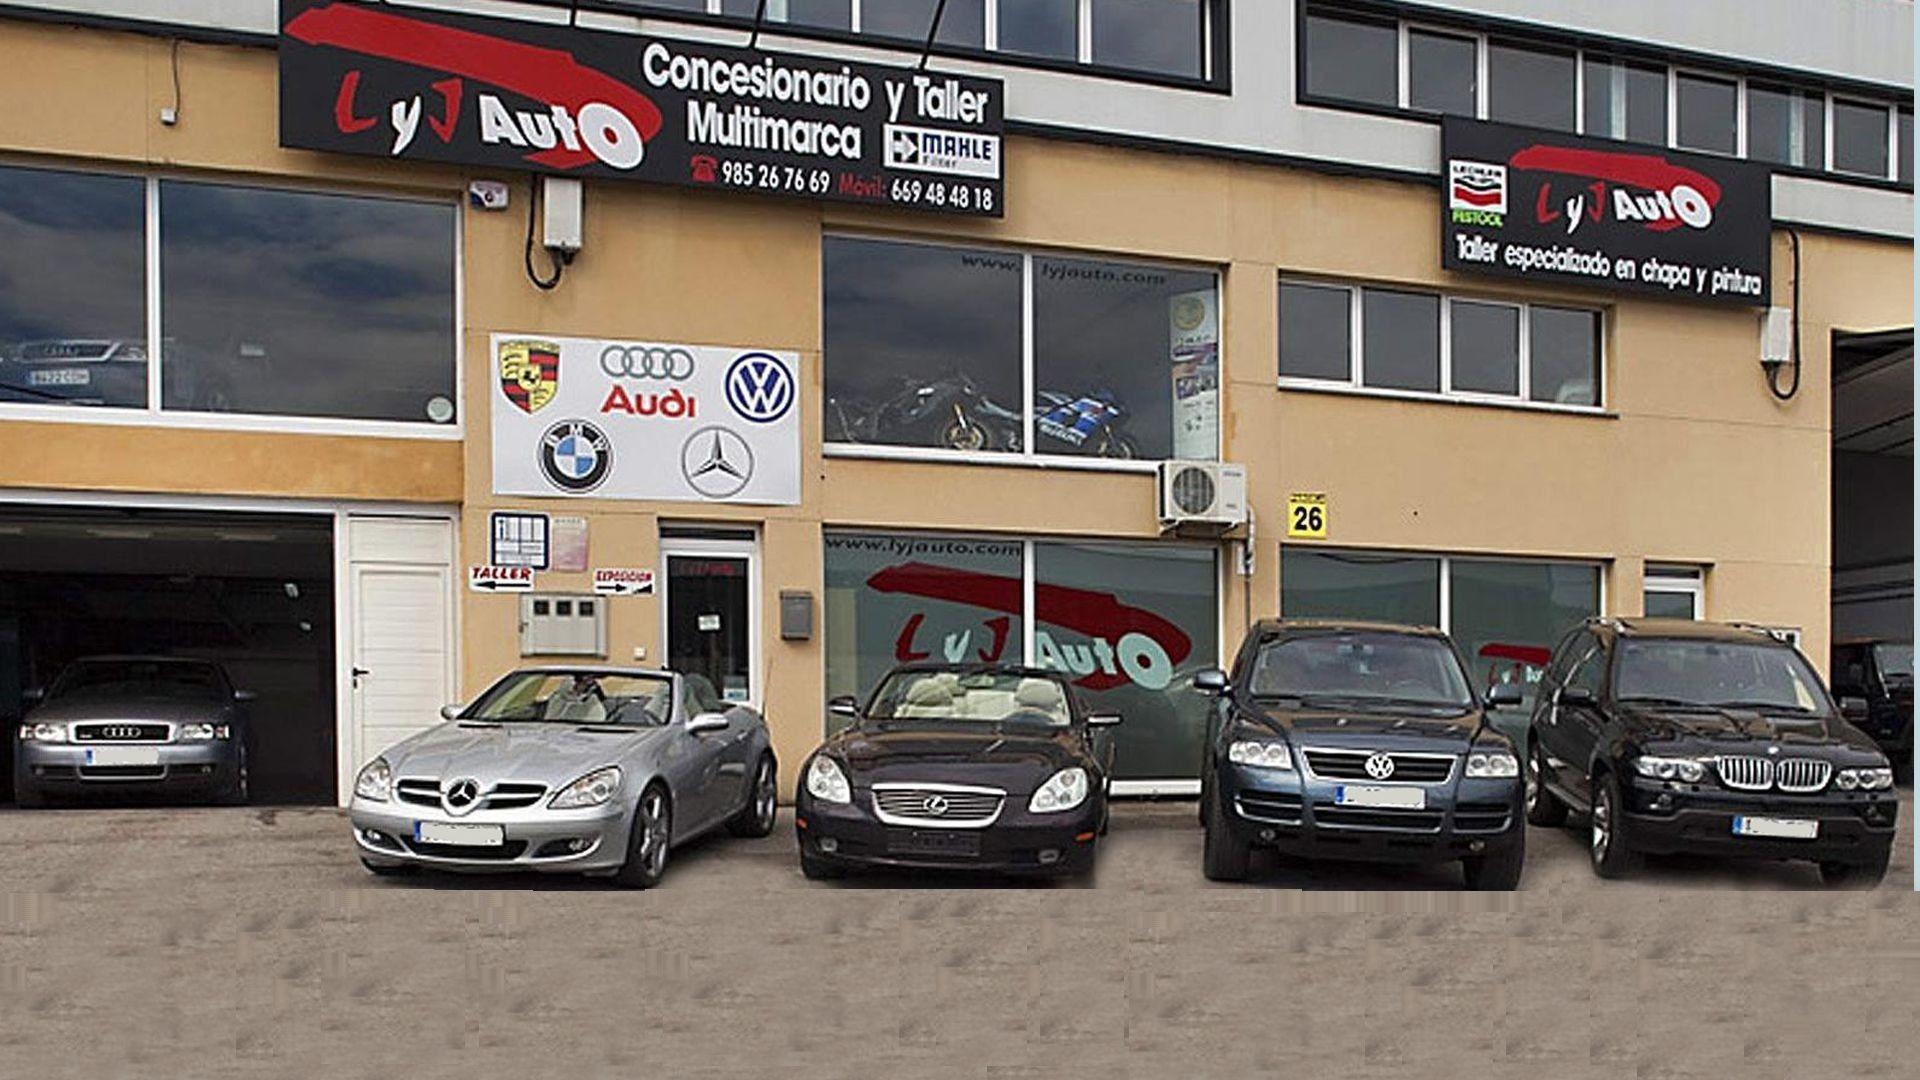 Venta y reparación de vehículos en Barcelona